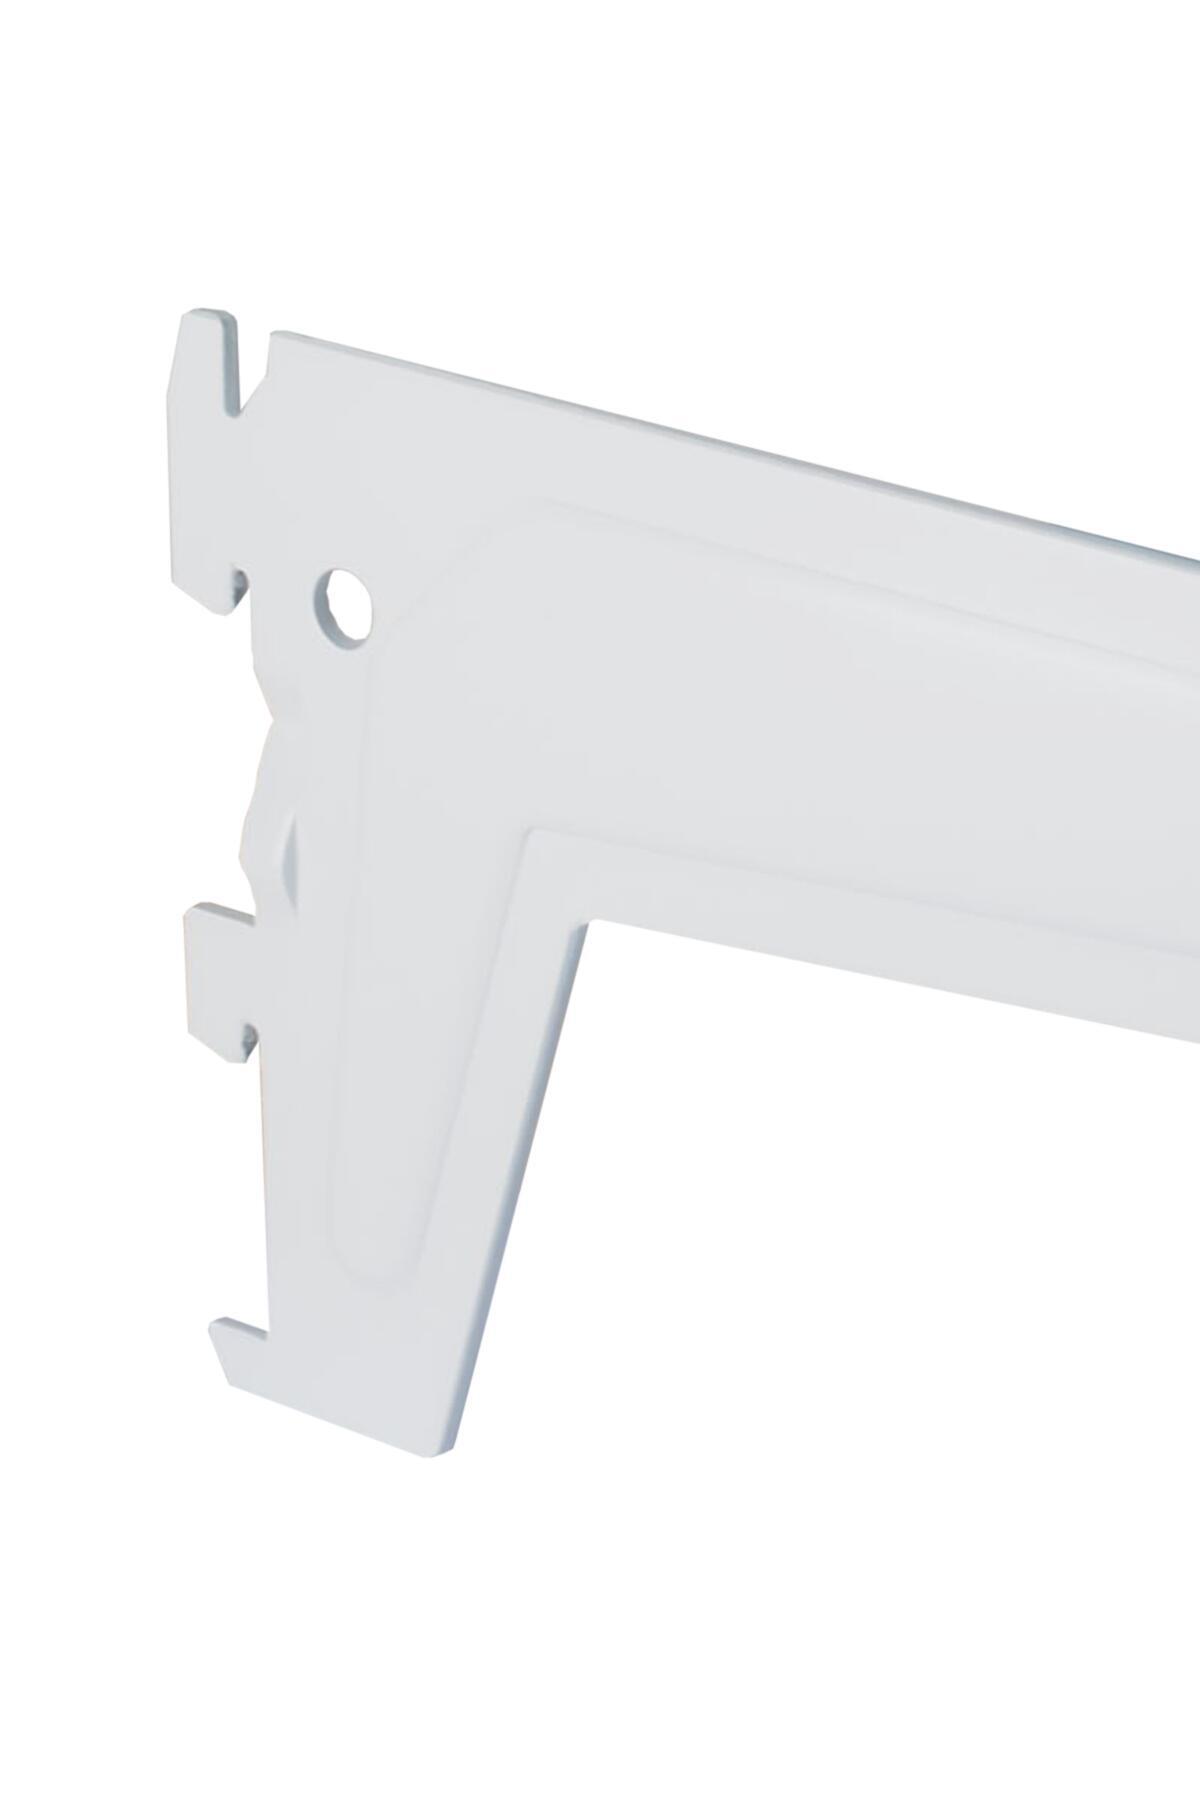 Supporto per cremagliera semplice Spaceo L 51.7 x H 12.0 x P 50.0 cm bianco - 1